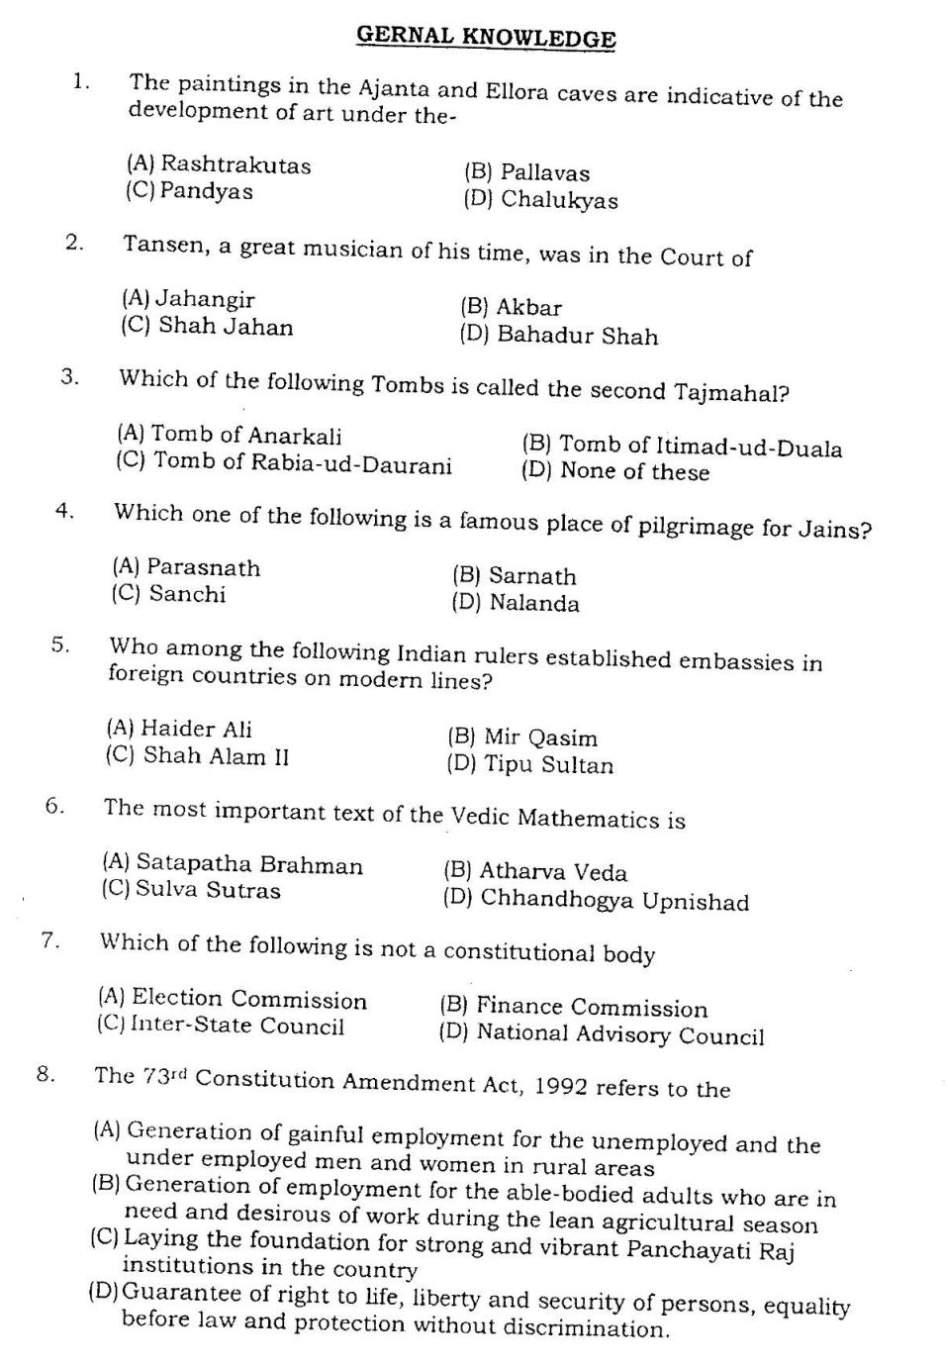 punjab and haryana high court clerk syllabus 2017 pdf